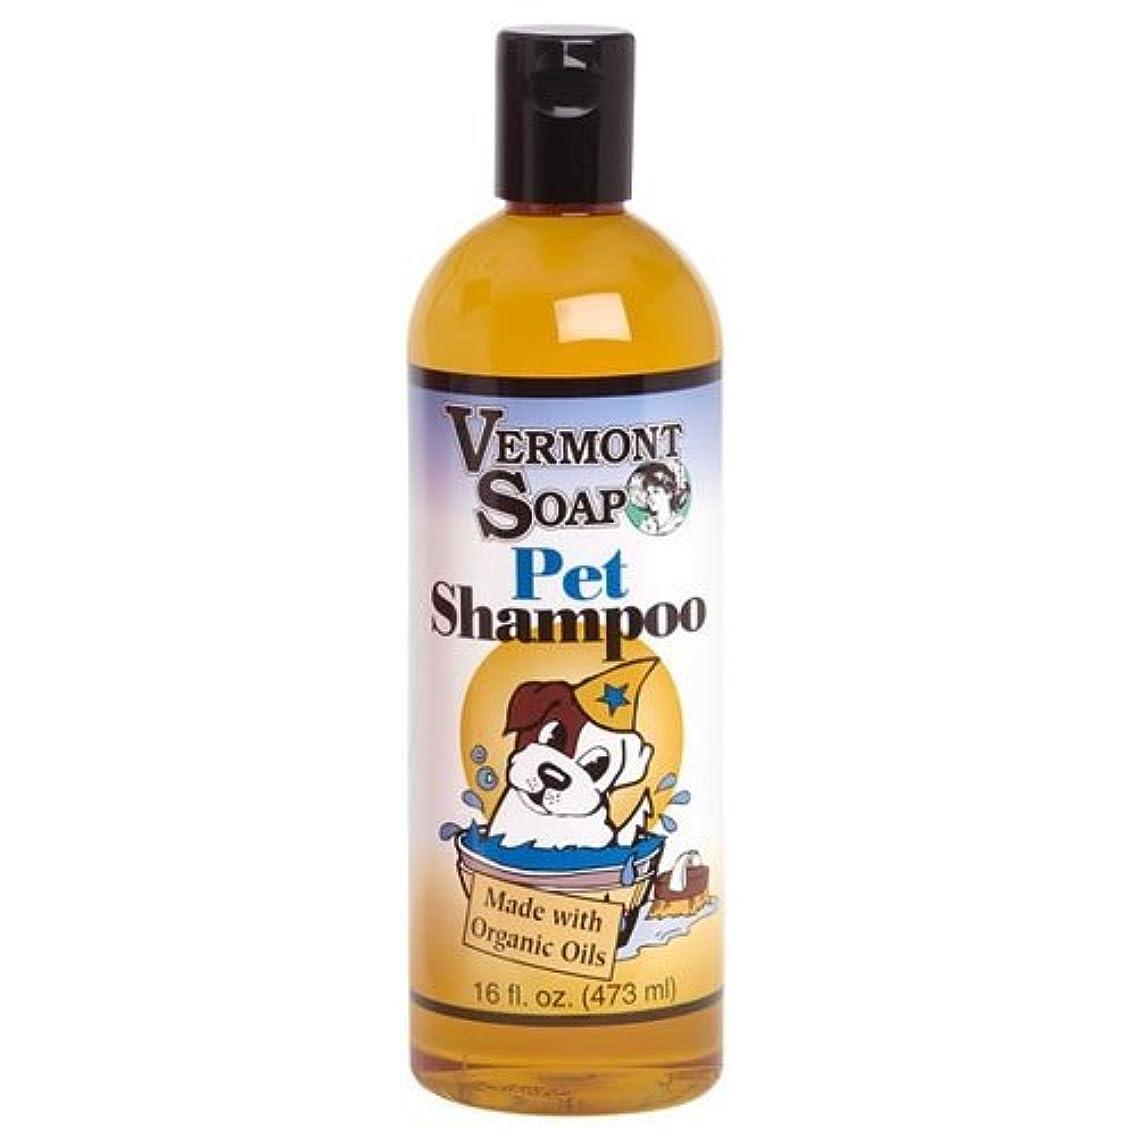 毒性ひまわりと組むバーモントソープ オーガニック ペットシャンプー Pet Shampoo